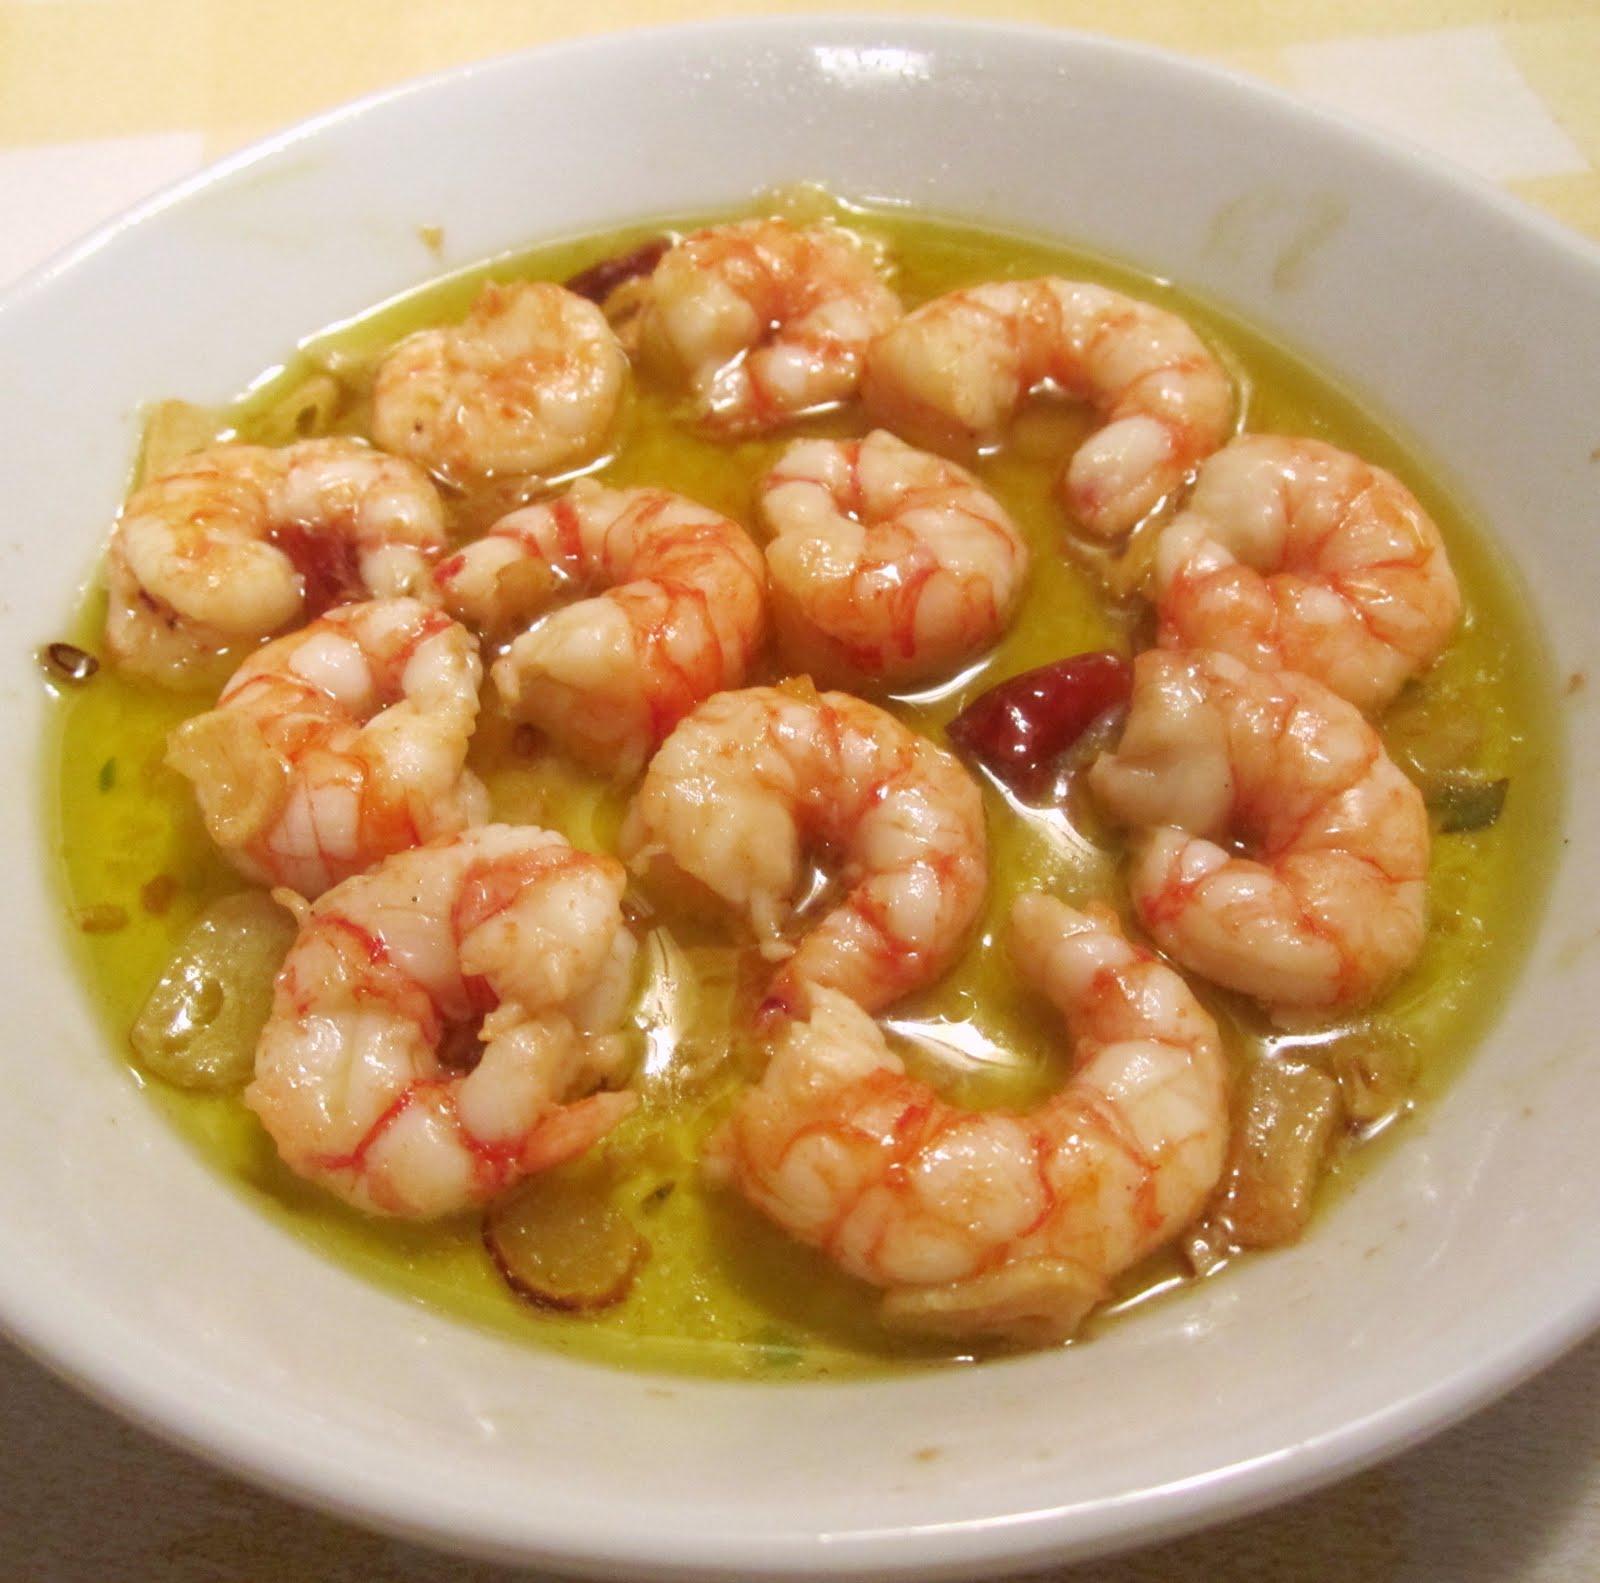 Gambas al ajillo – очищенные креветки, приготовленные на оливковом масле с чесноком и перцем.